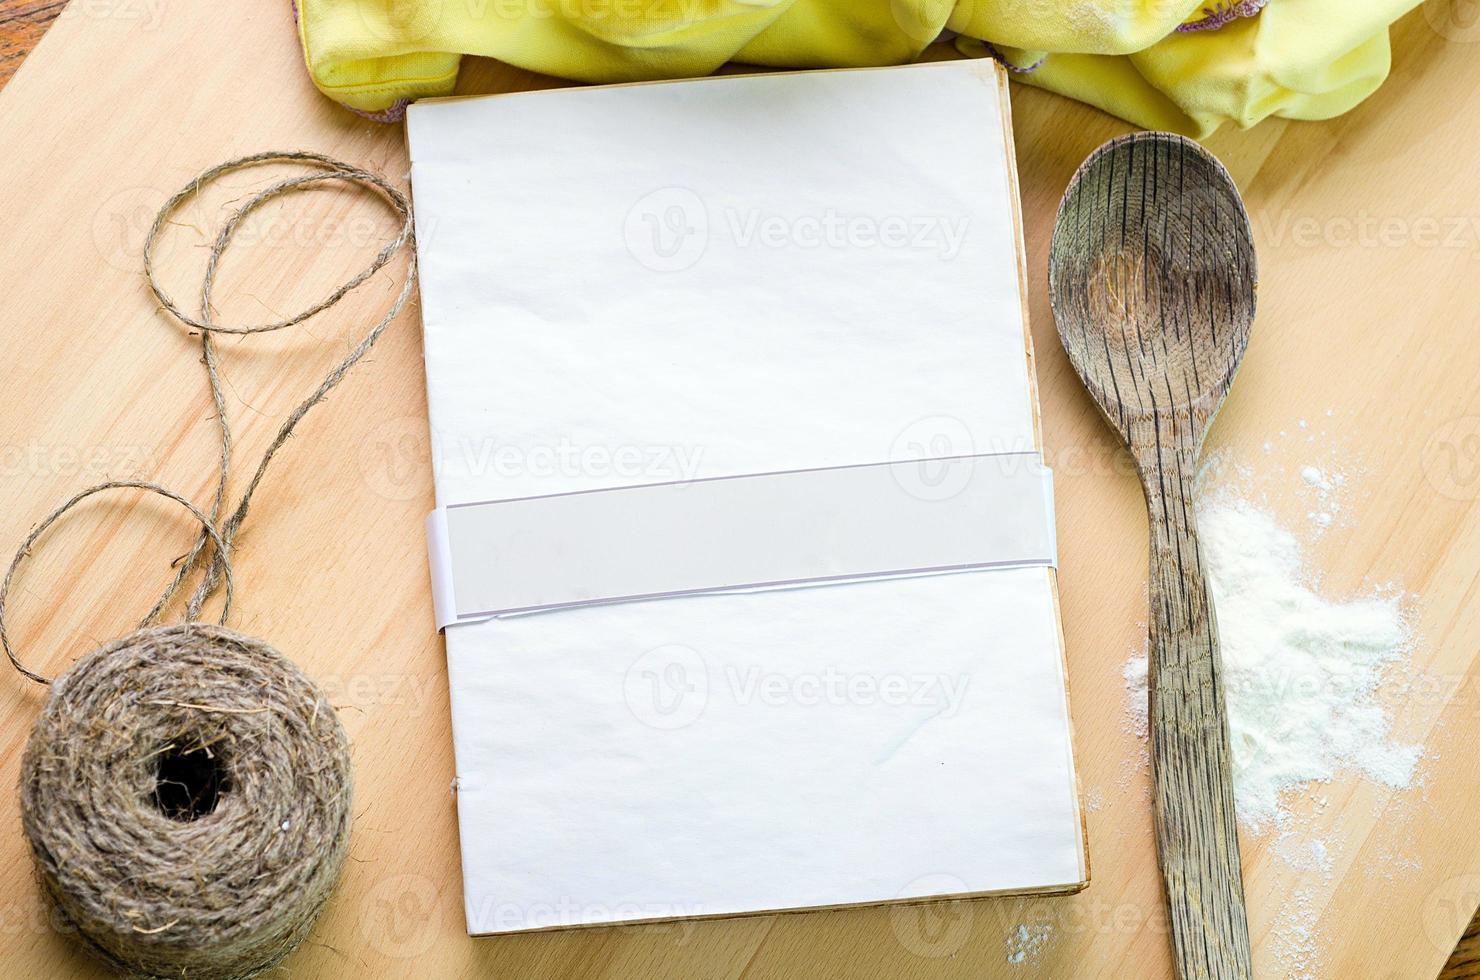 libro de cocina vacío en escritorio de madera foto